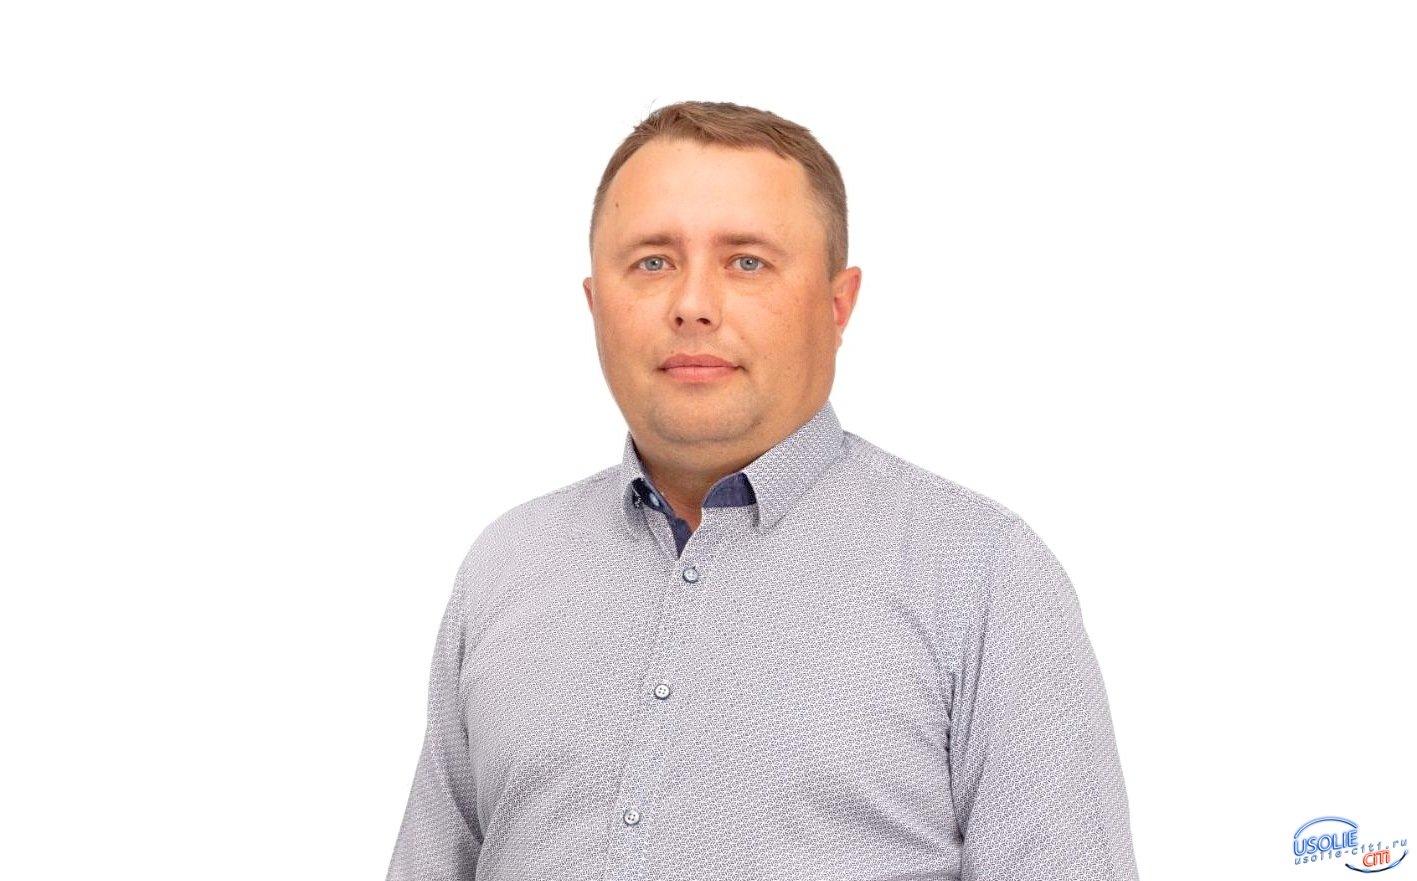 Сергей Котляров: Приложу все усилия для развития Усолья